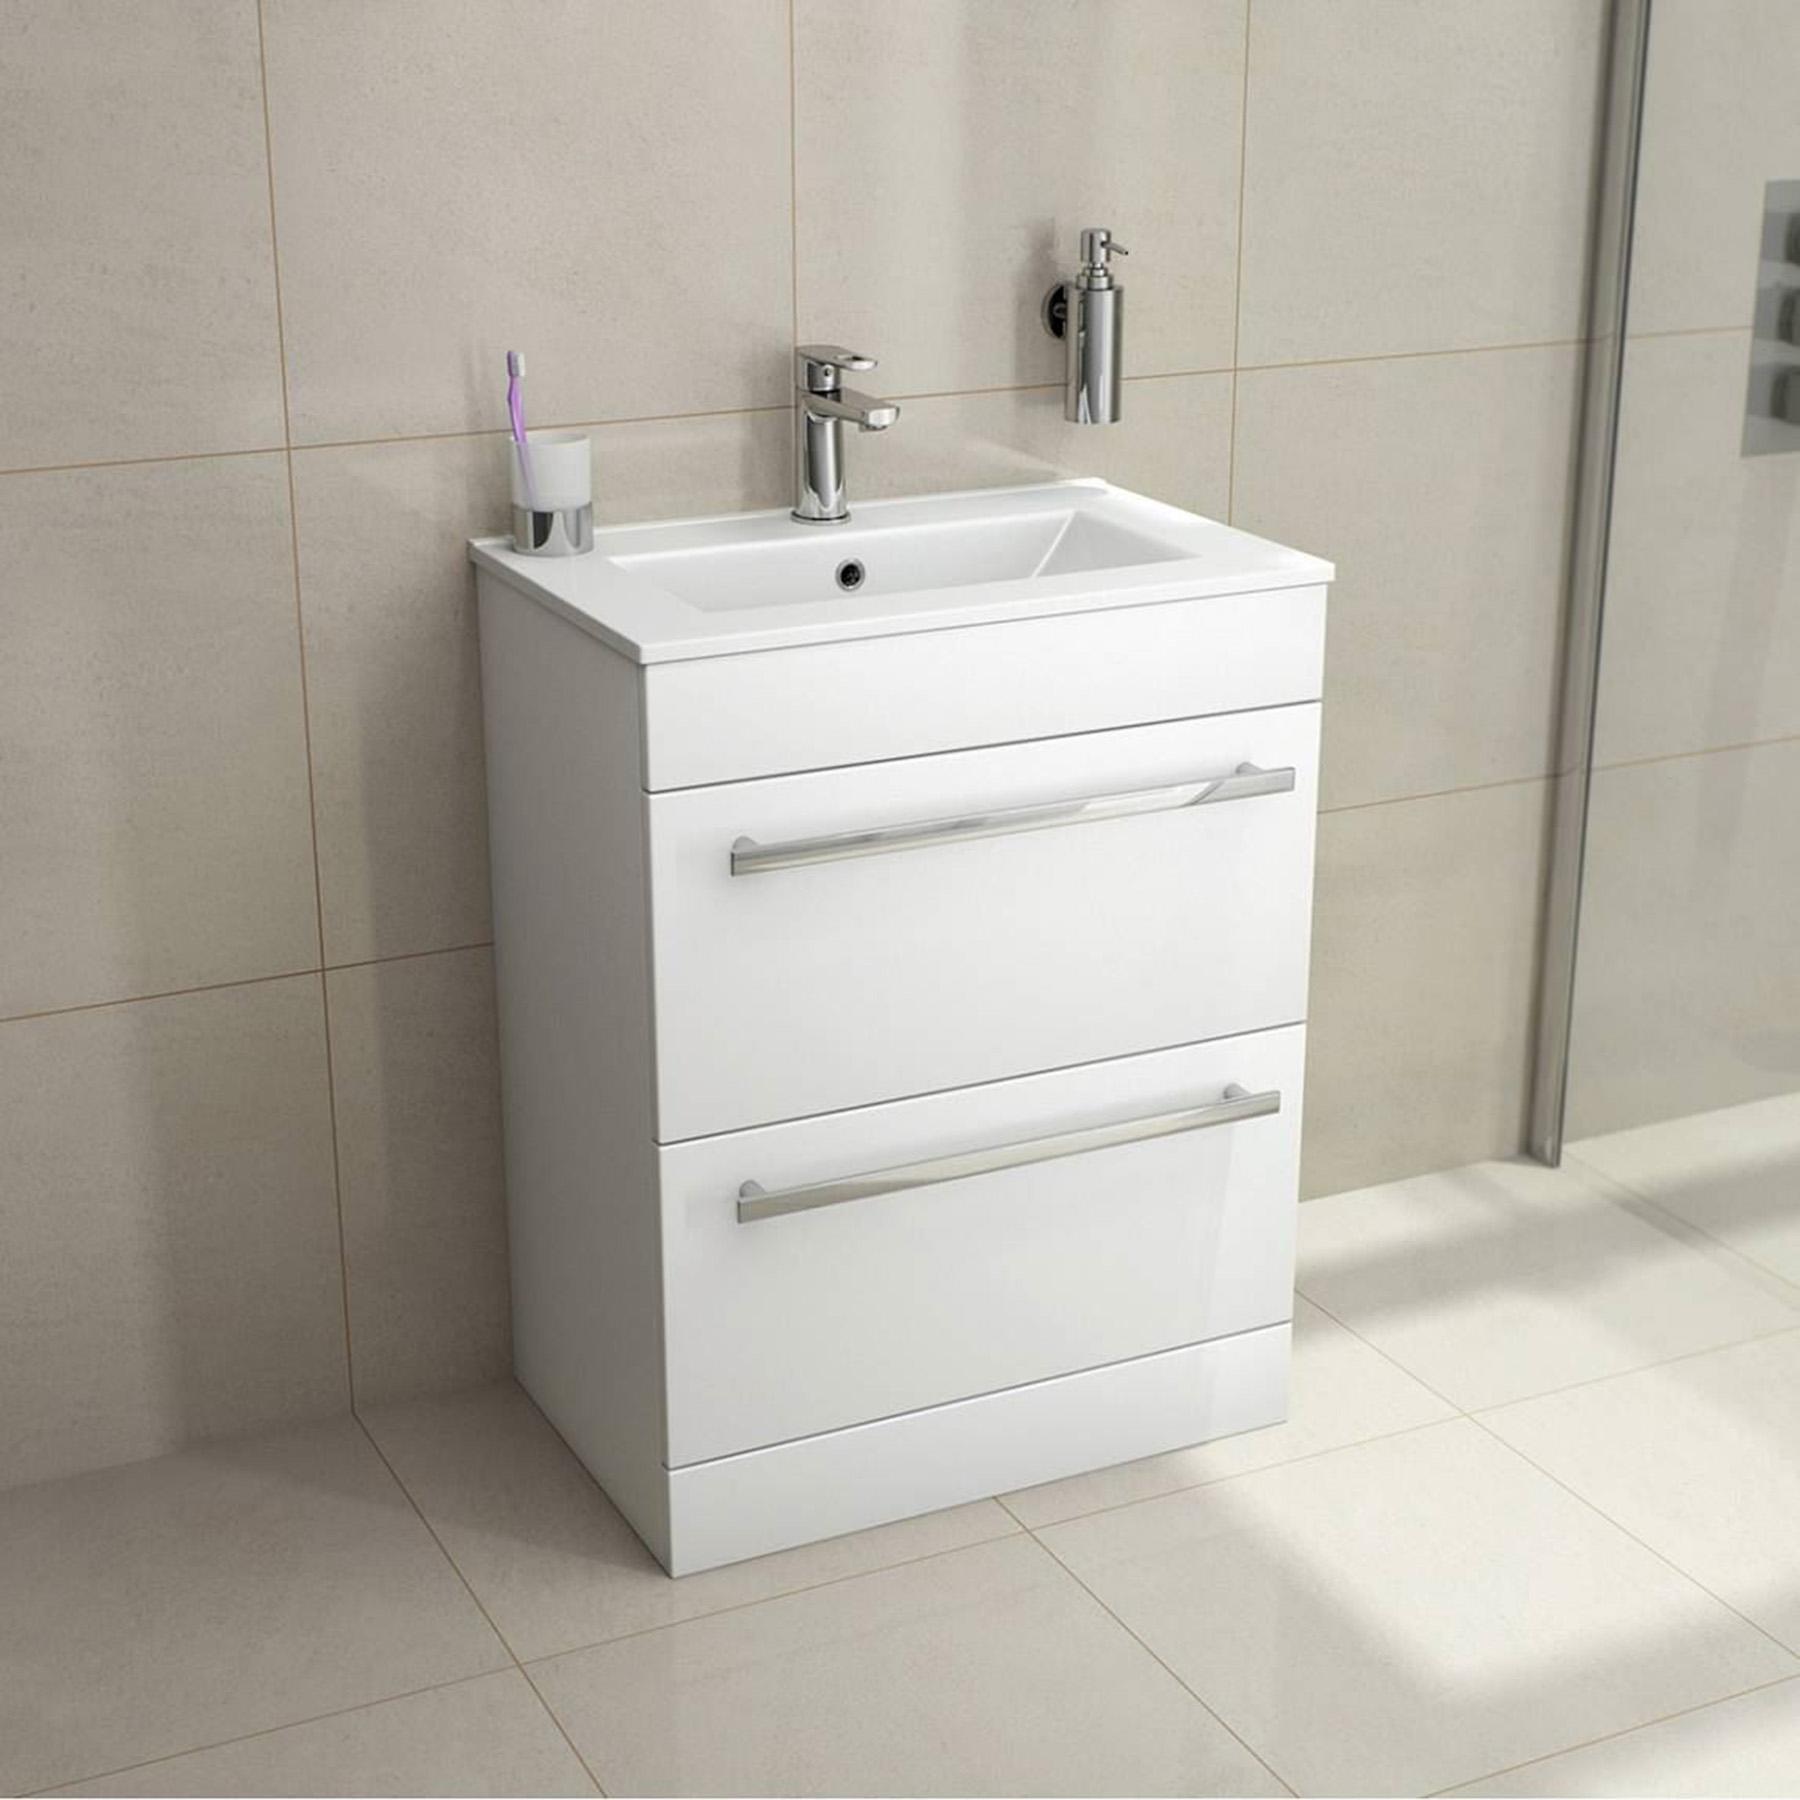 800mm Modern Bathroom White Floor Standing Vanity Unit Drawer Basin